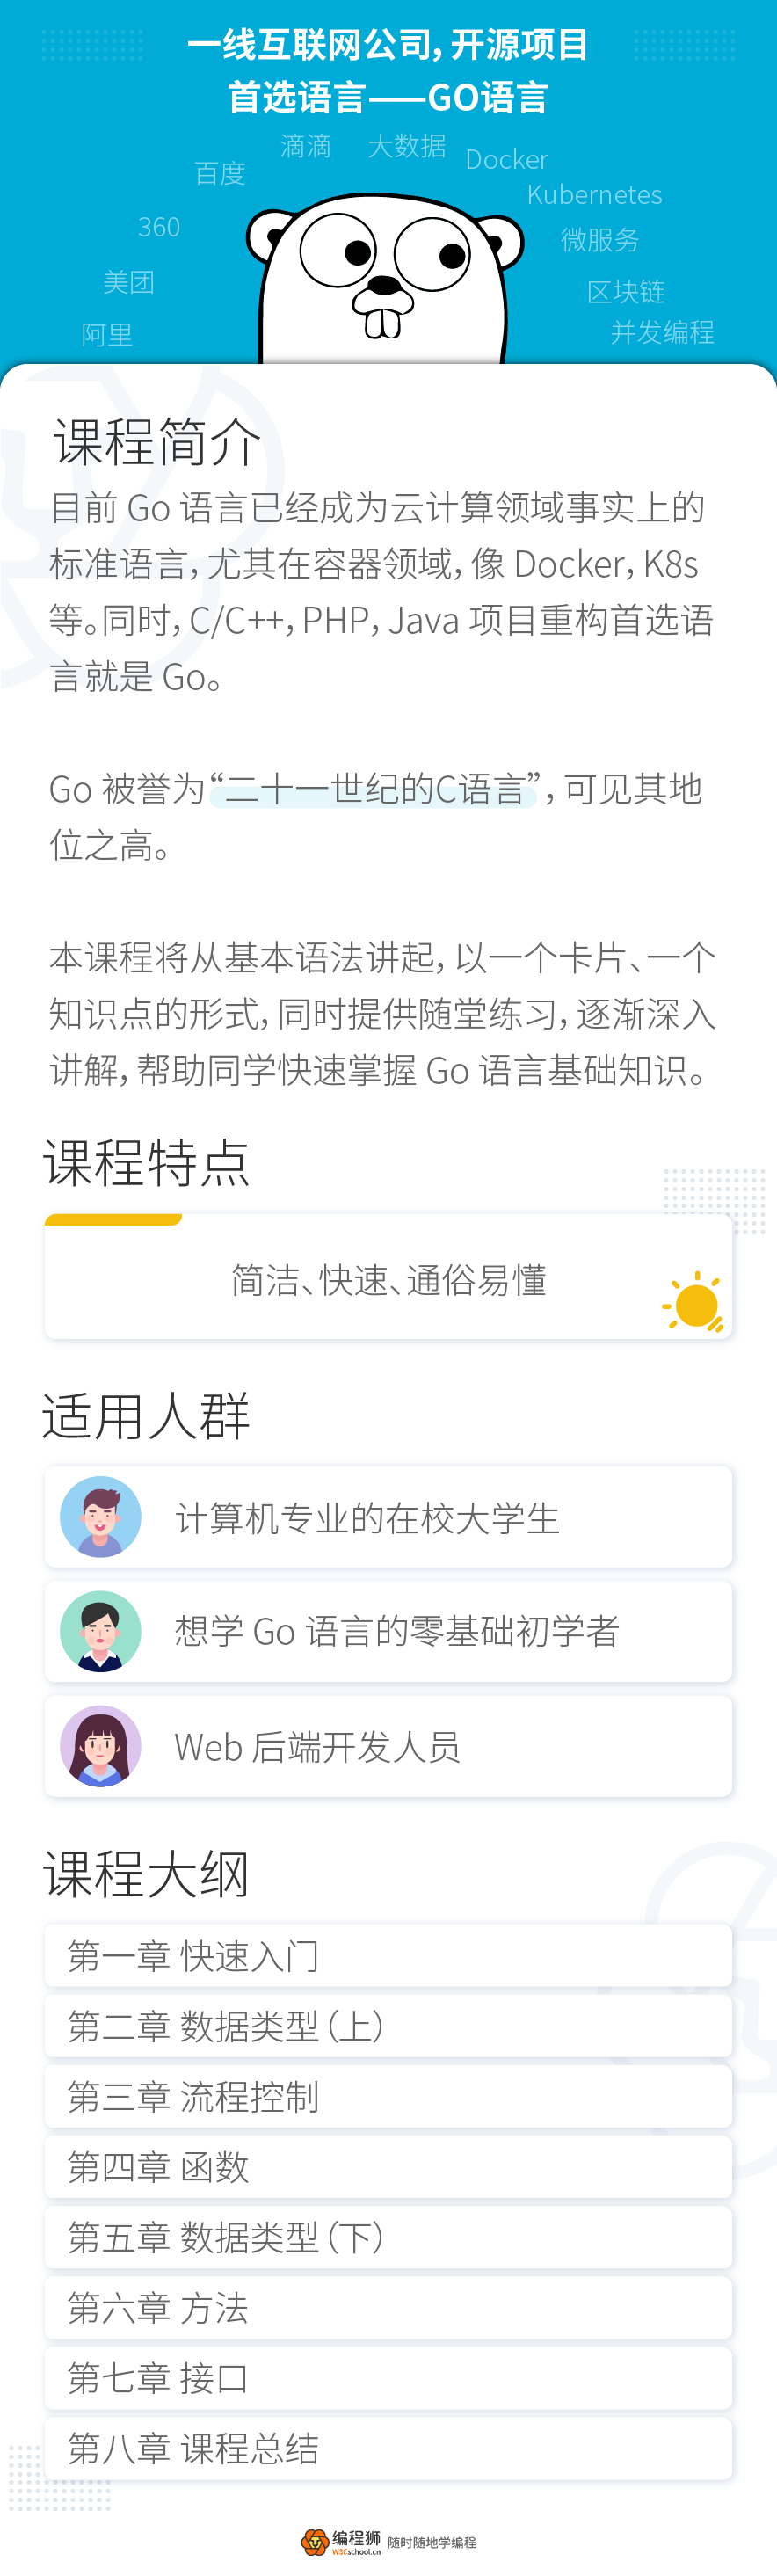 go基础微课详情页